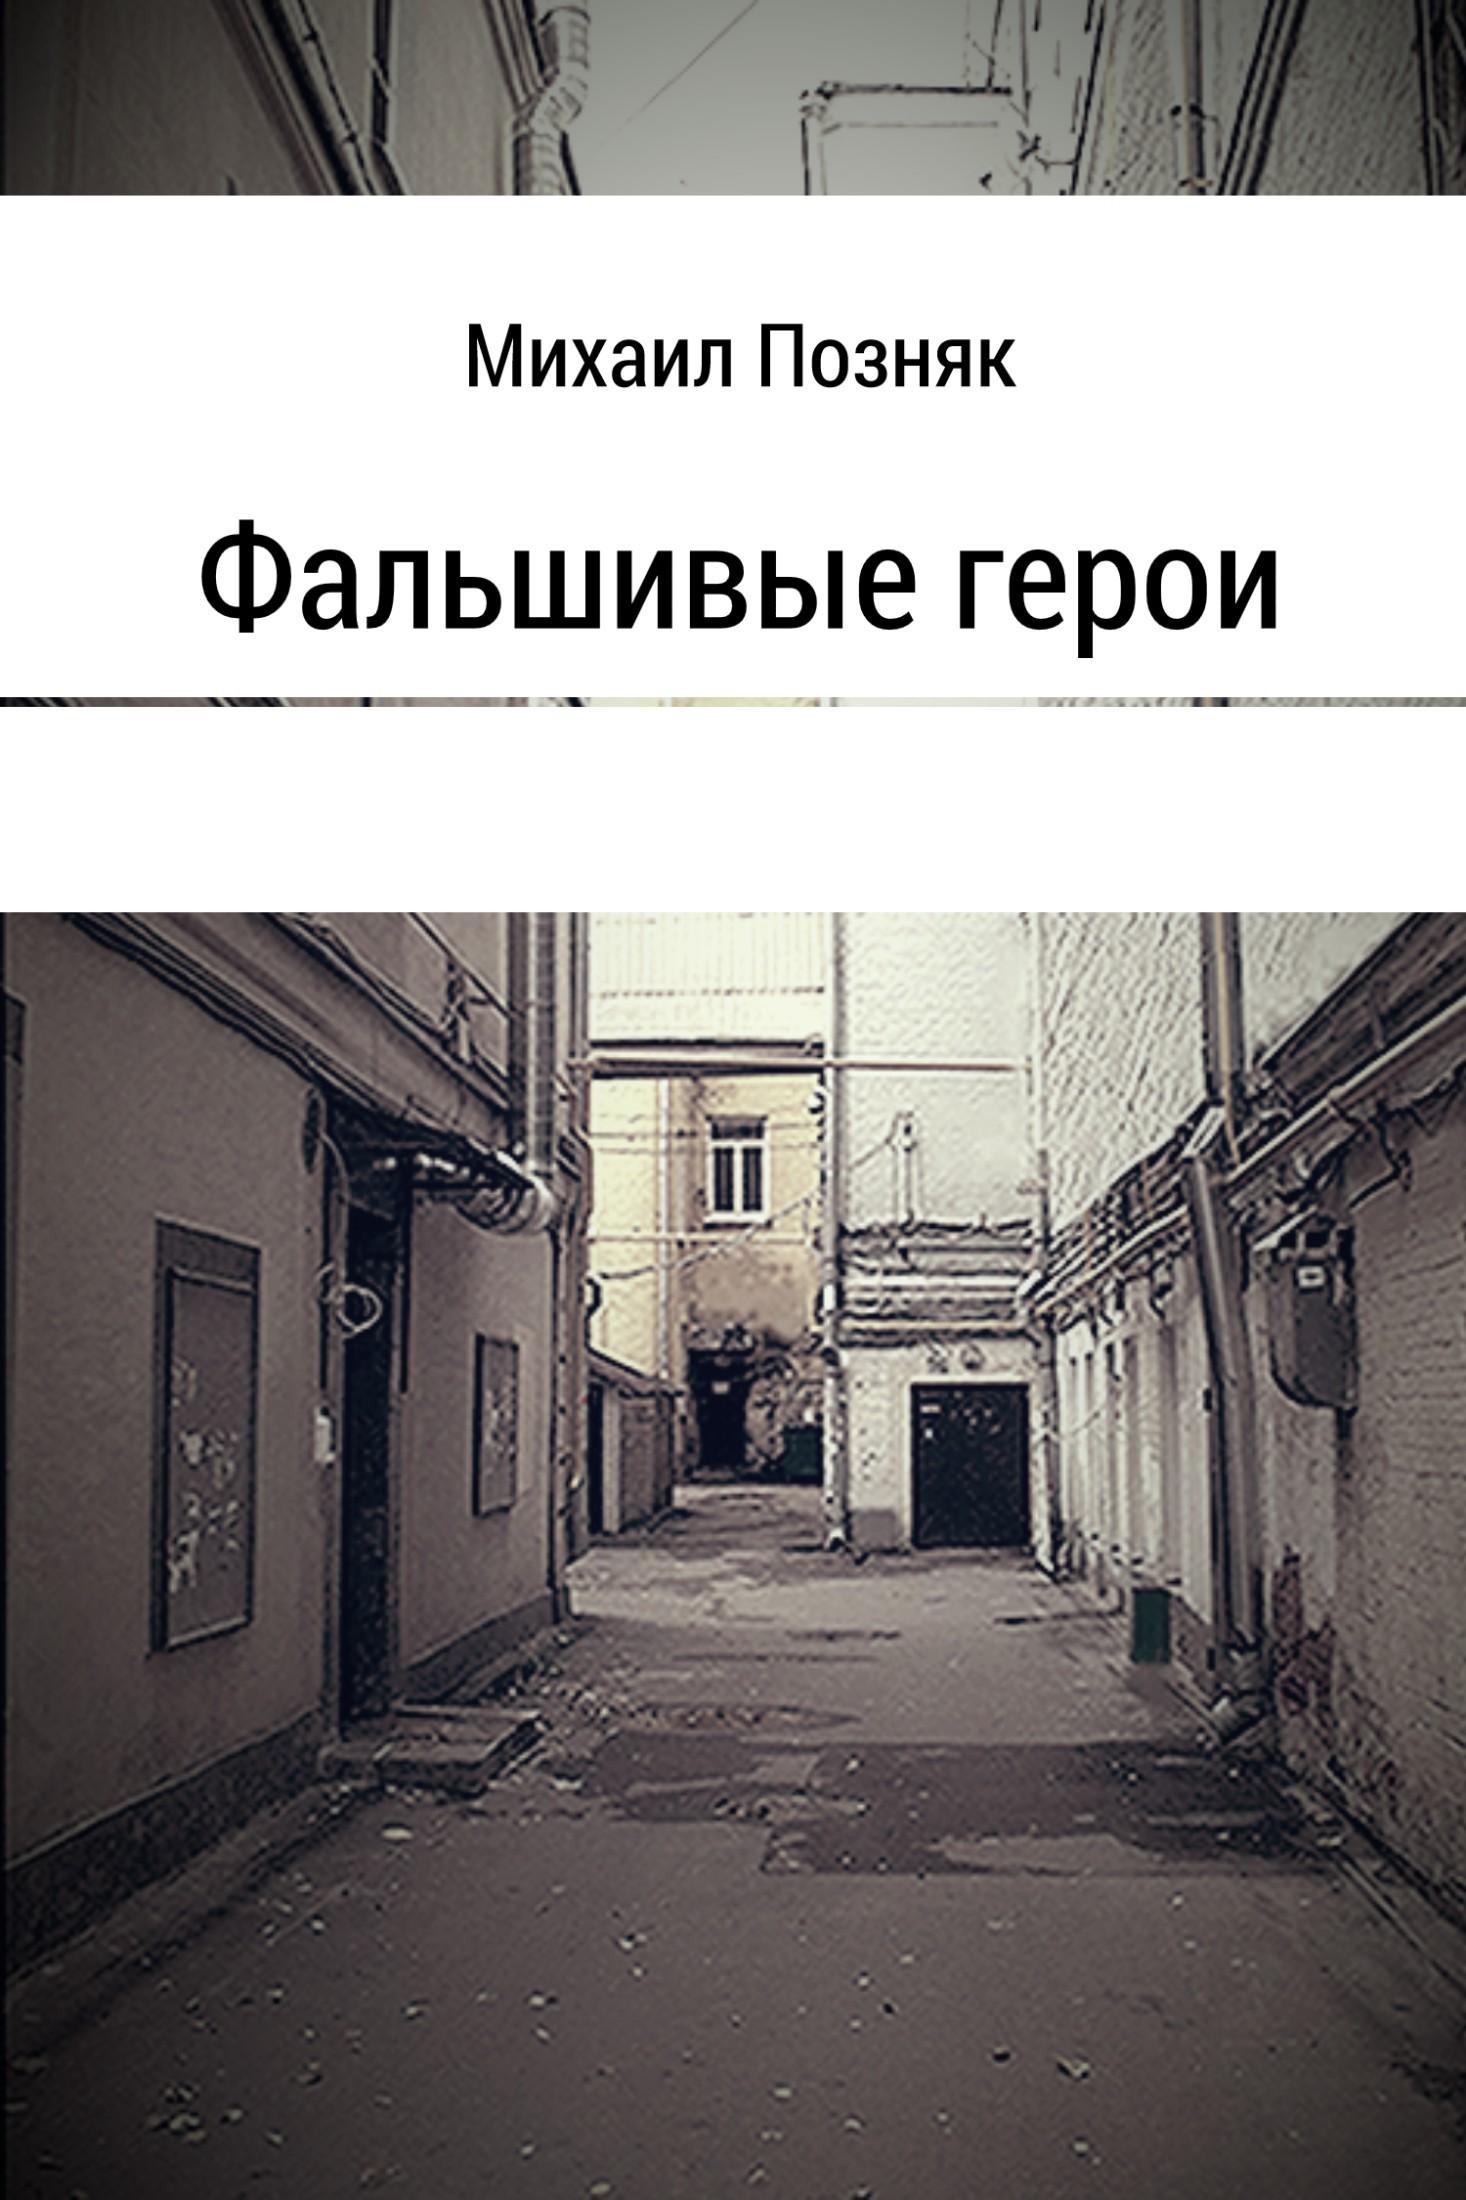 Михаил Викторович Позняк Фальшивые герои последний космический шанс зачем землянам чужие миры